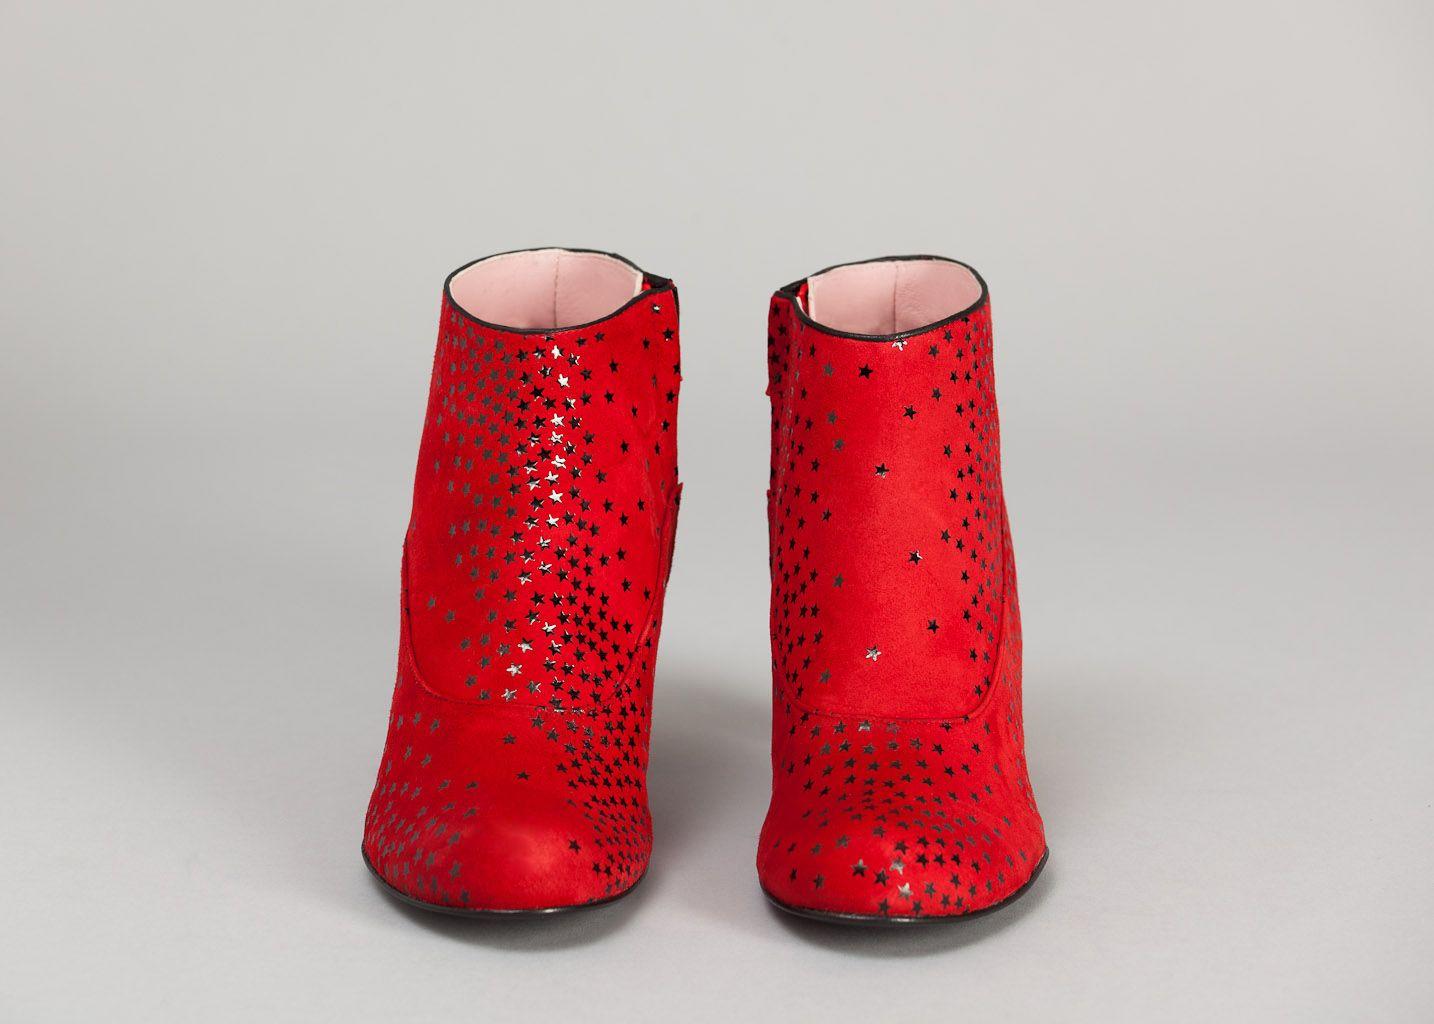 Guerin Boots - Annabel Winship